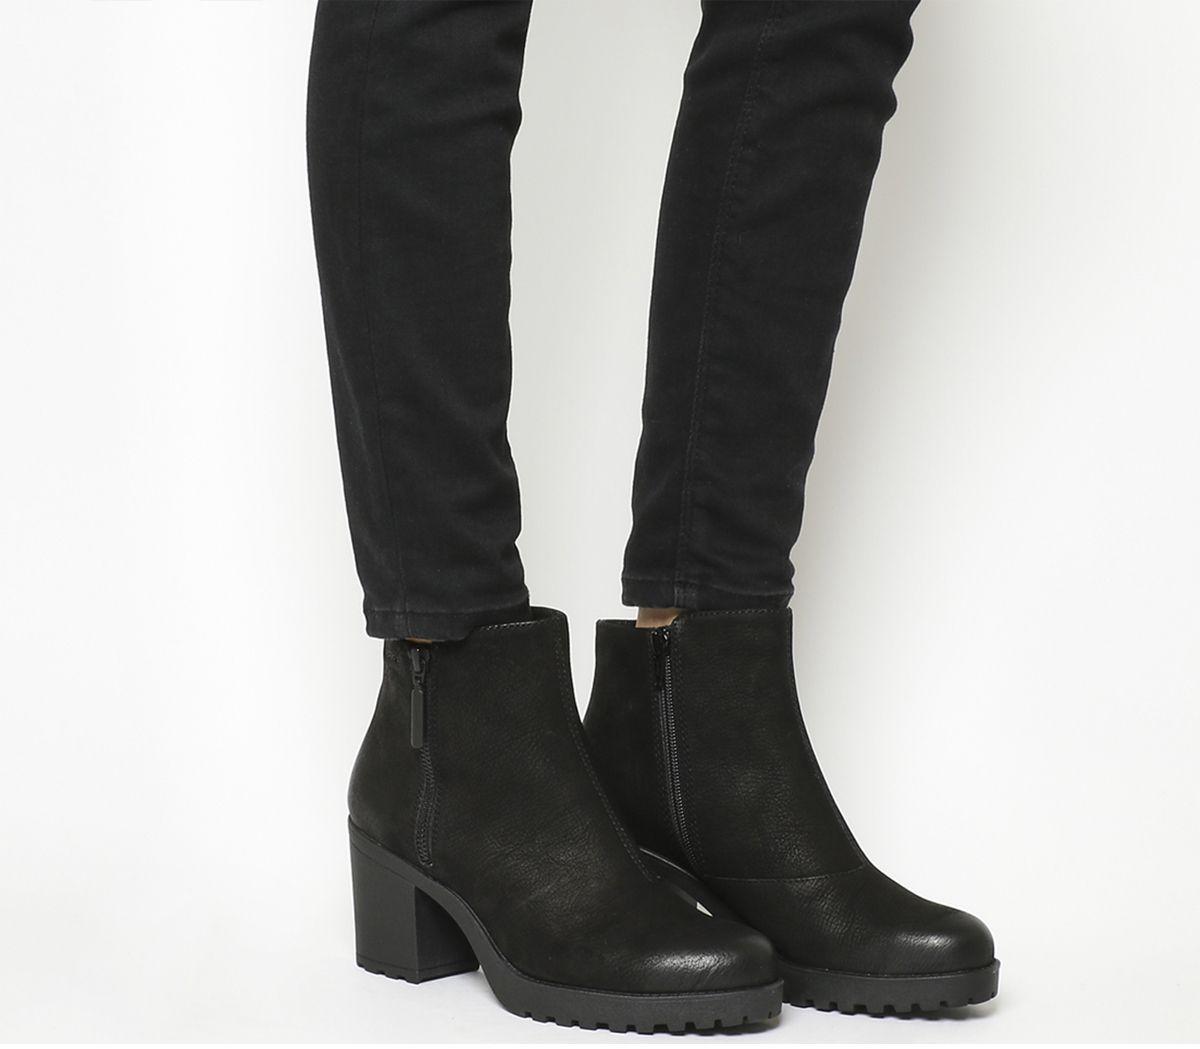 4776d1ad97 Vagabond Grace Zip Boots Black Nubuck - Ankle Boots